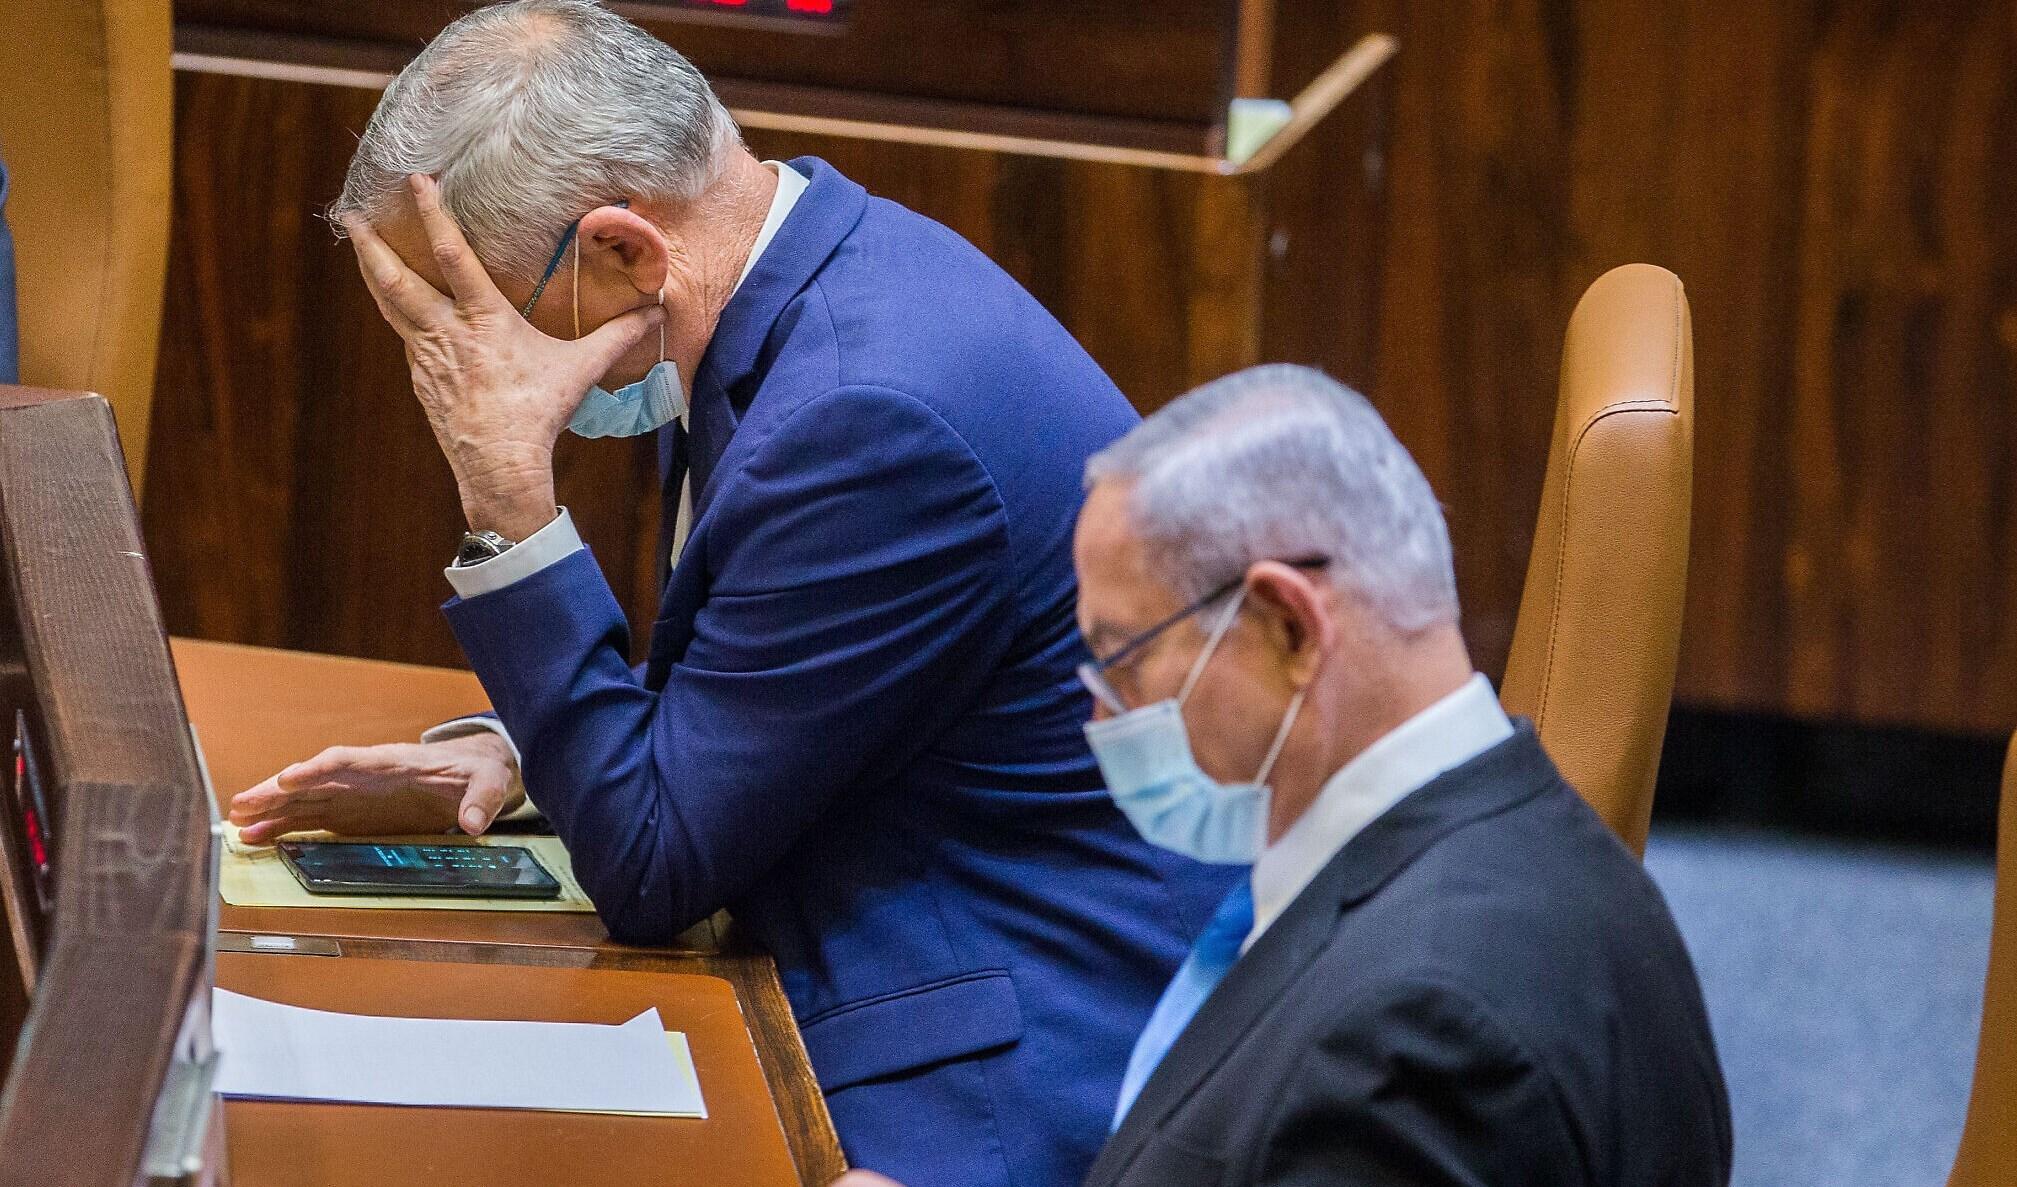 رئيس الحكومة الإسرائيلية بنيامين نتنياهو ورئيس حزب أزرق أبيض بني غانتس